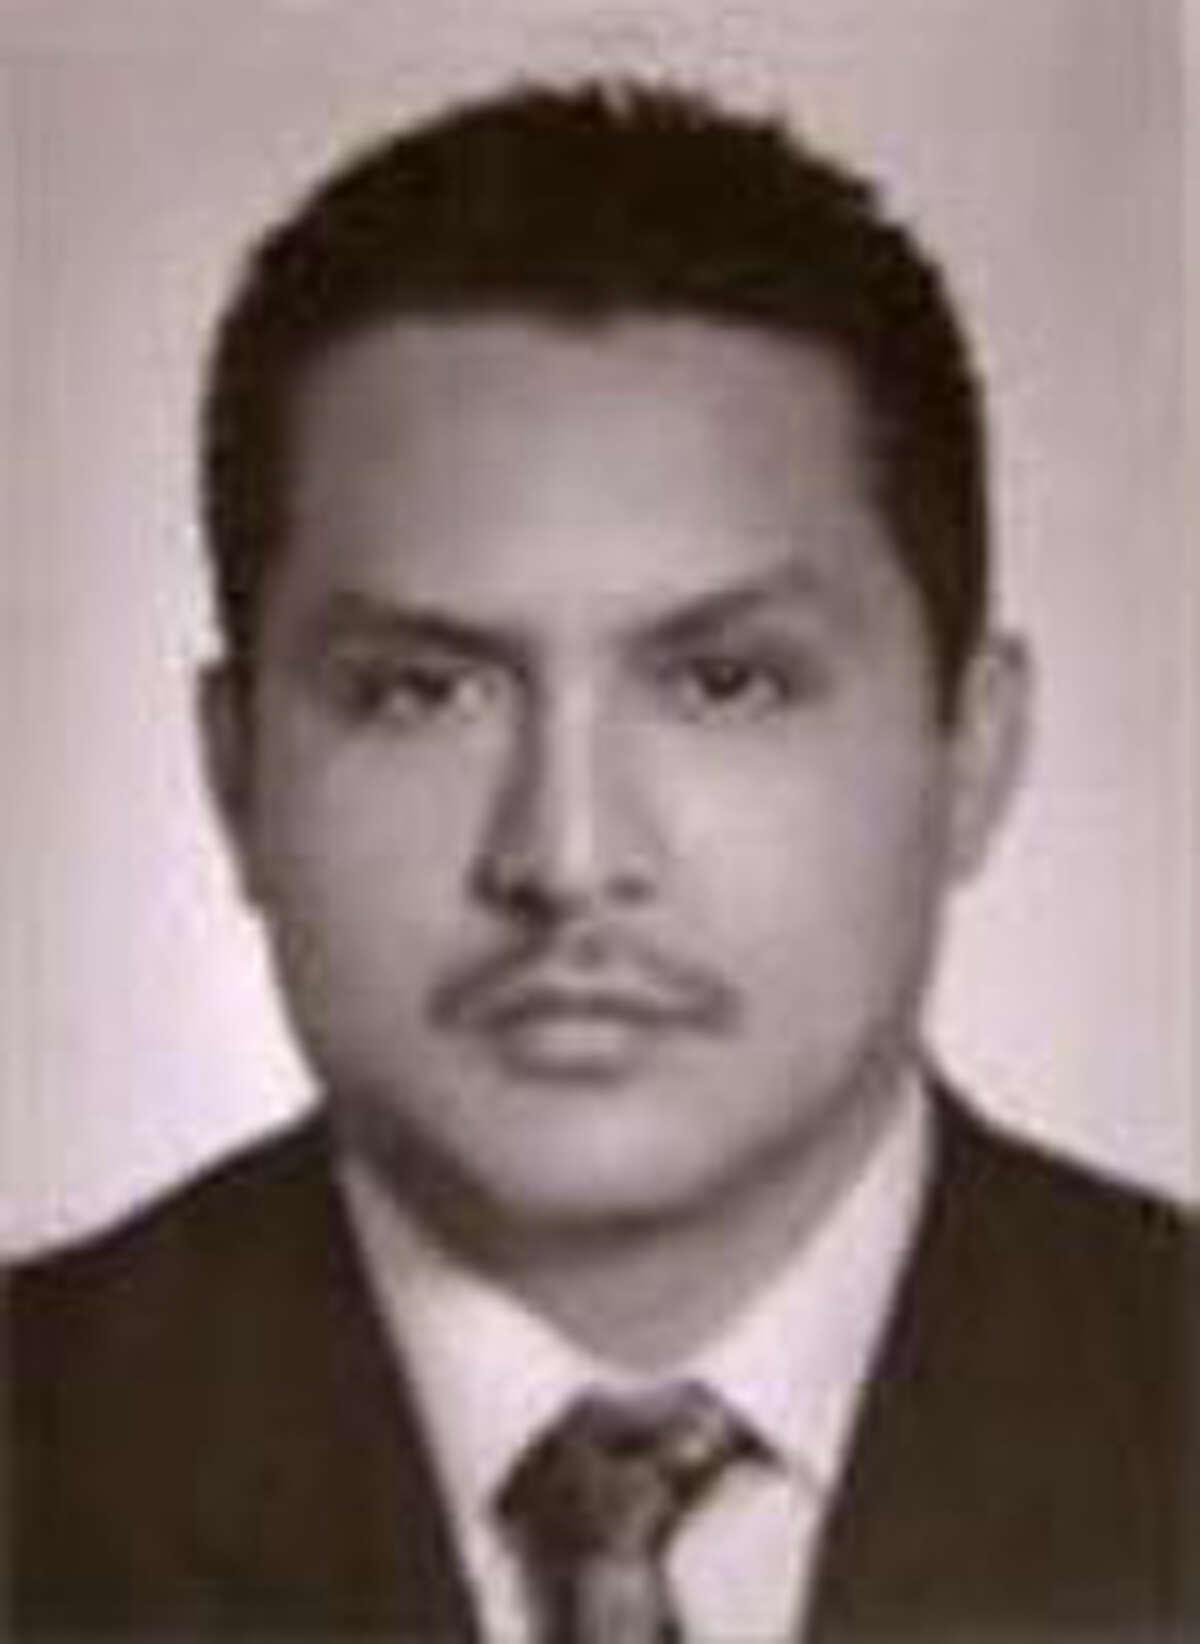 Miguel Angel Trevino-Morales (AKA 40, Cuarenta, L-40, David Estrada-Corado and Comandante Forty)